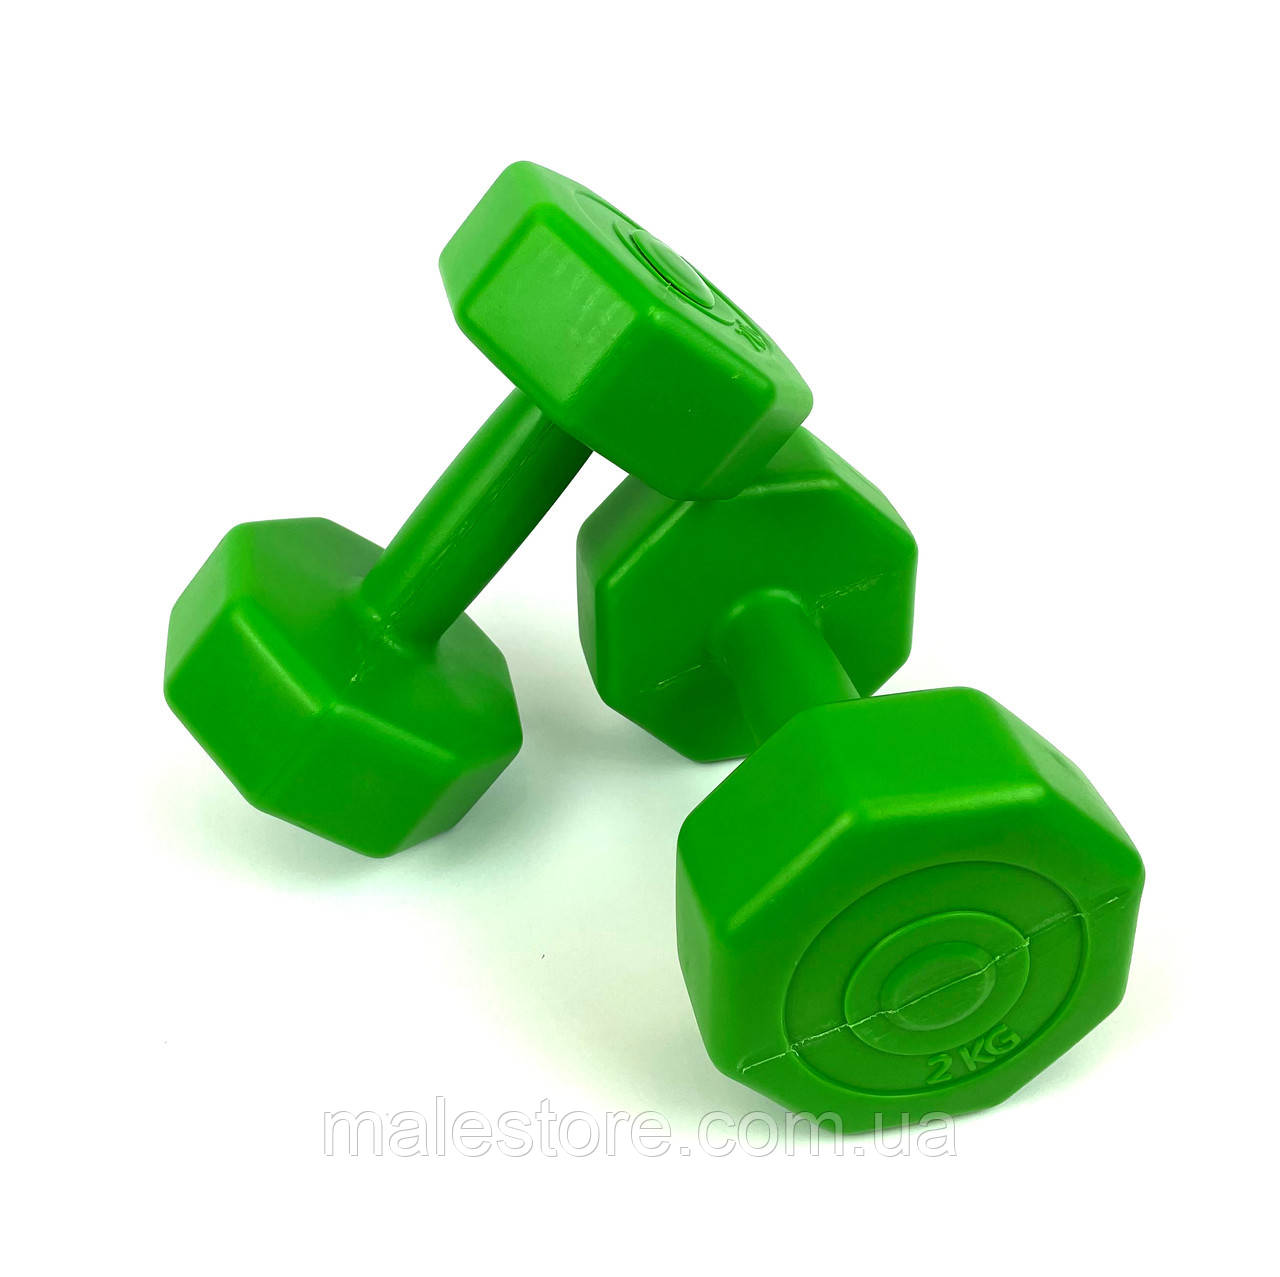 Гантелі для фітнесу 2 шт. по 2 кг. , Композит з пластиковим покриттям (зелений)